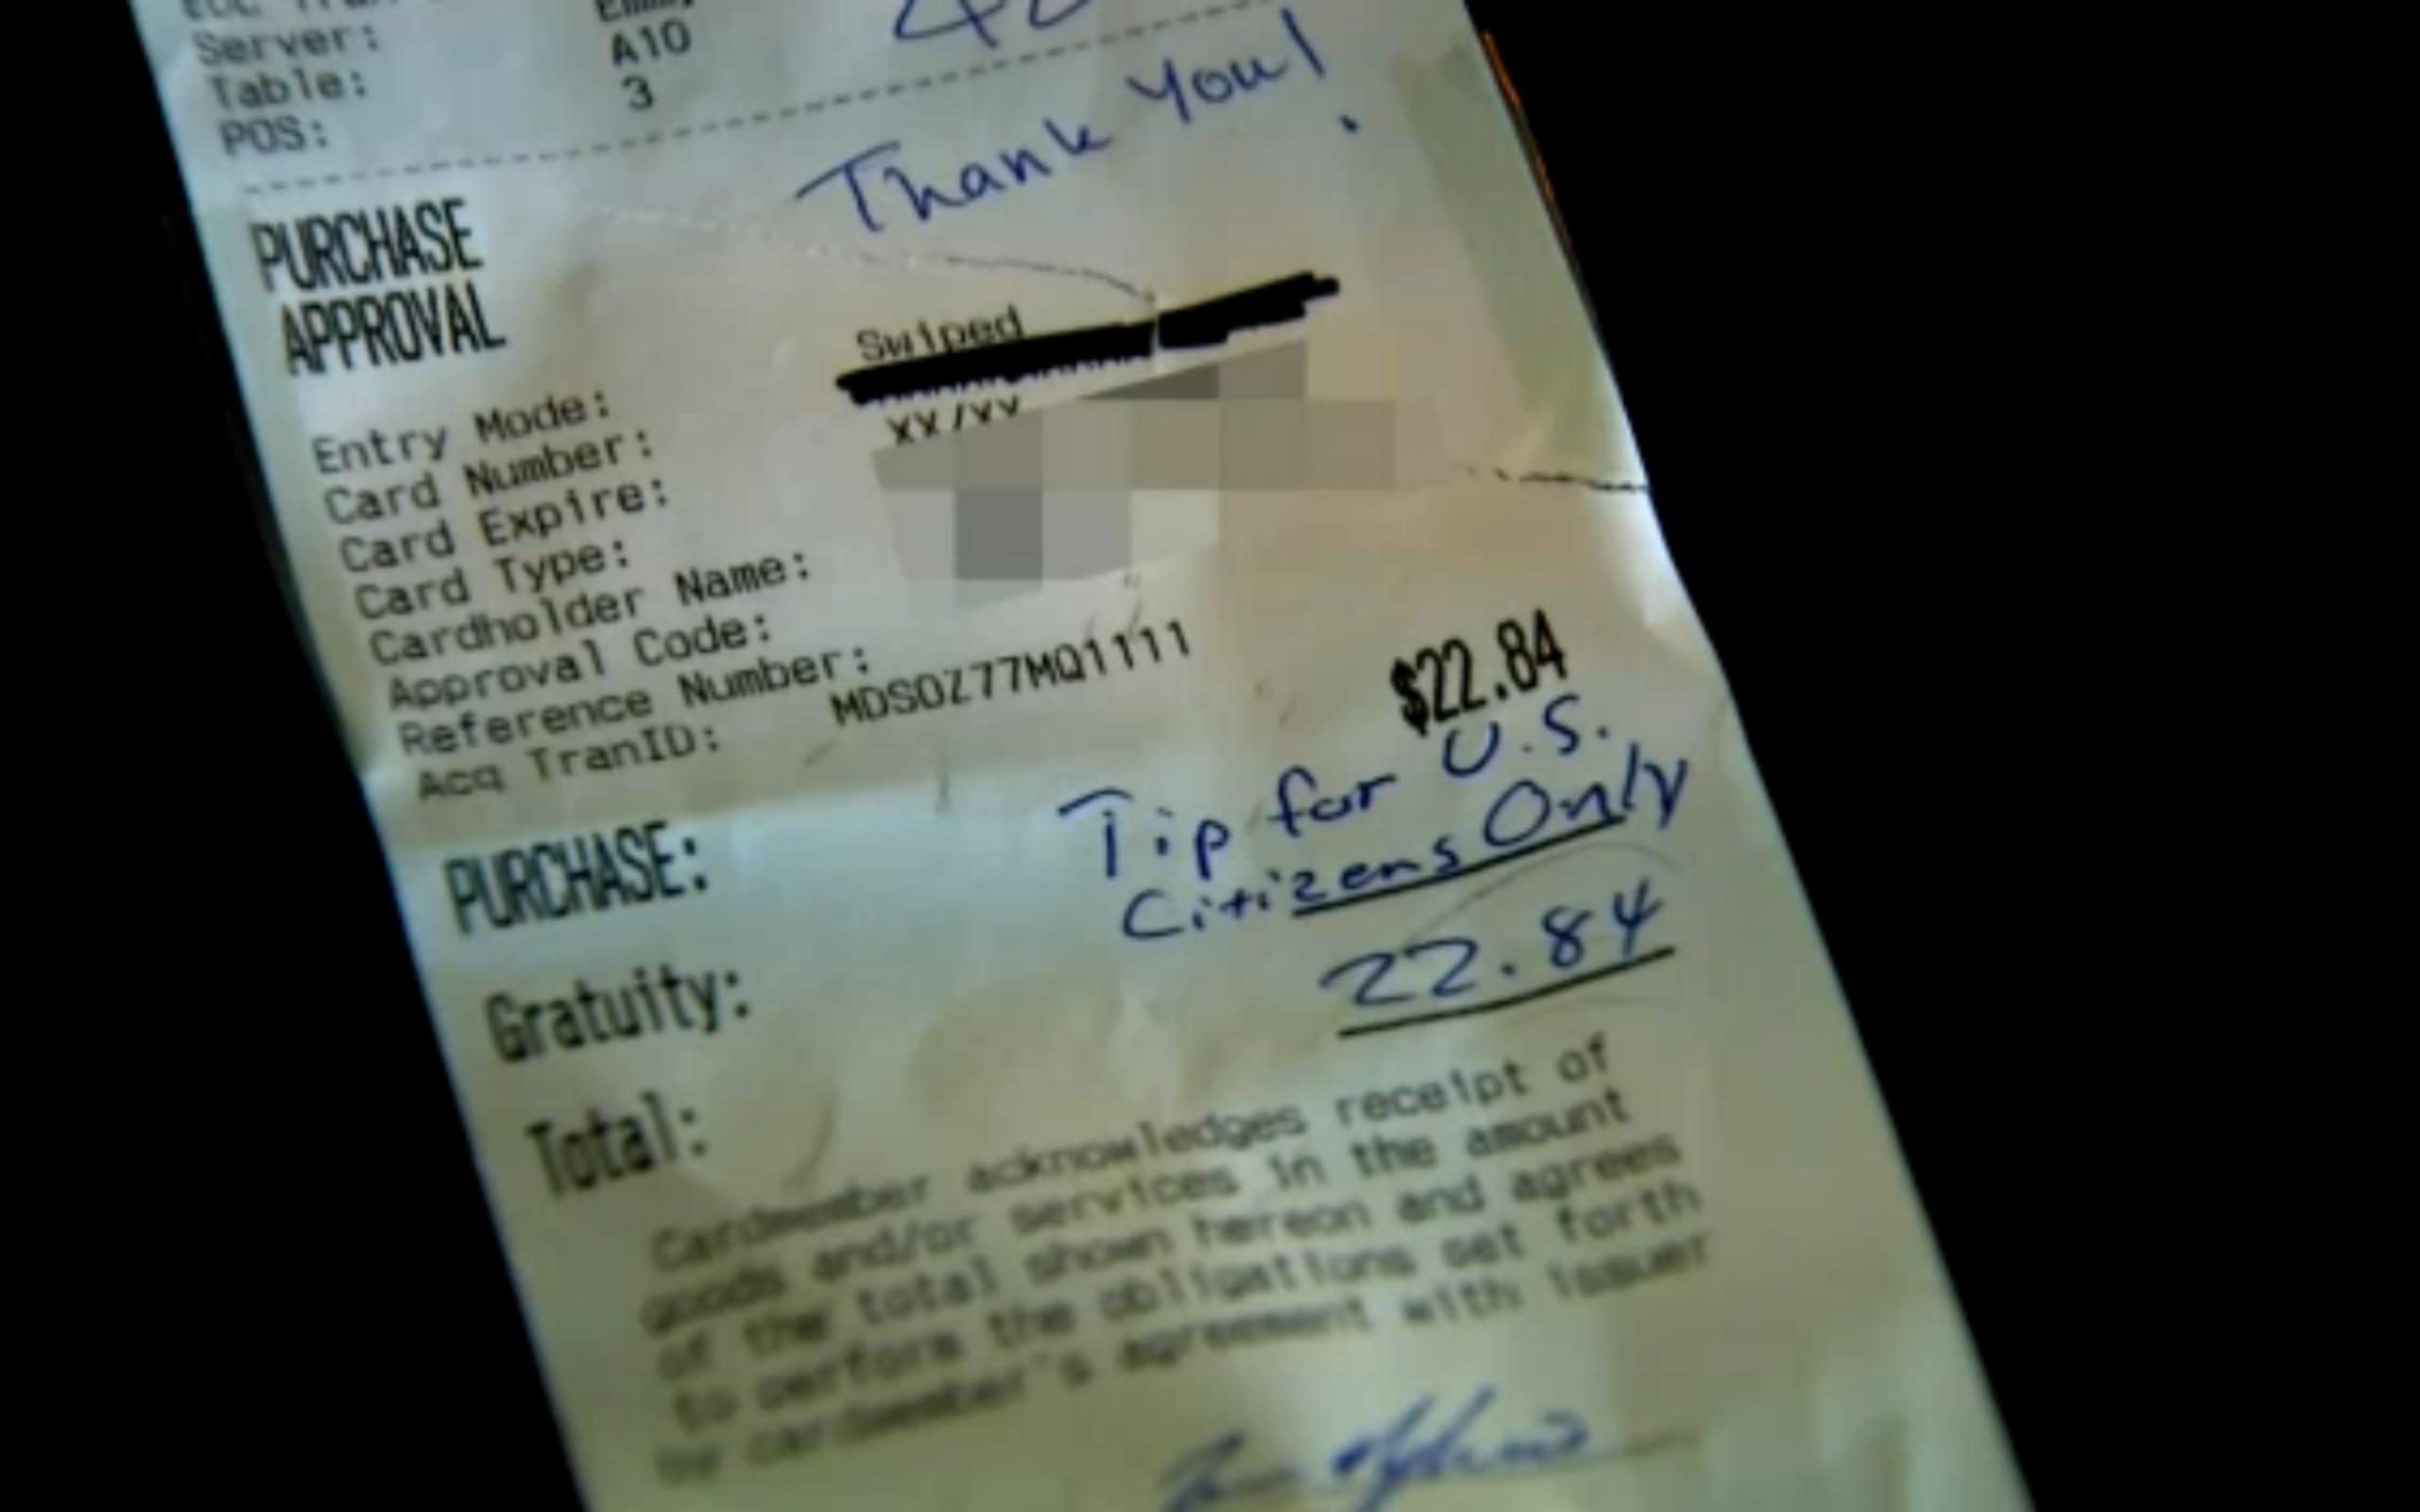 Screenshot of receipt